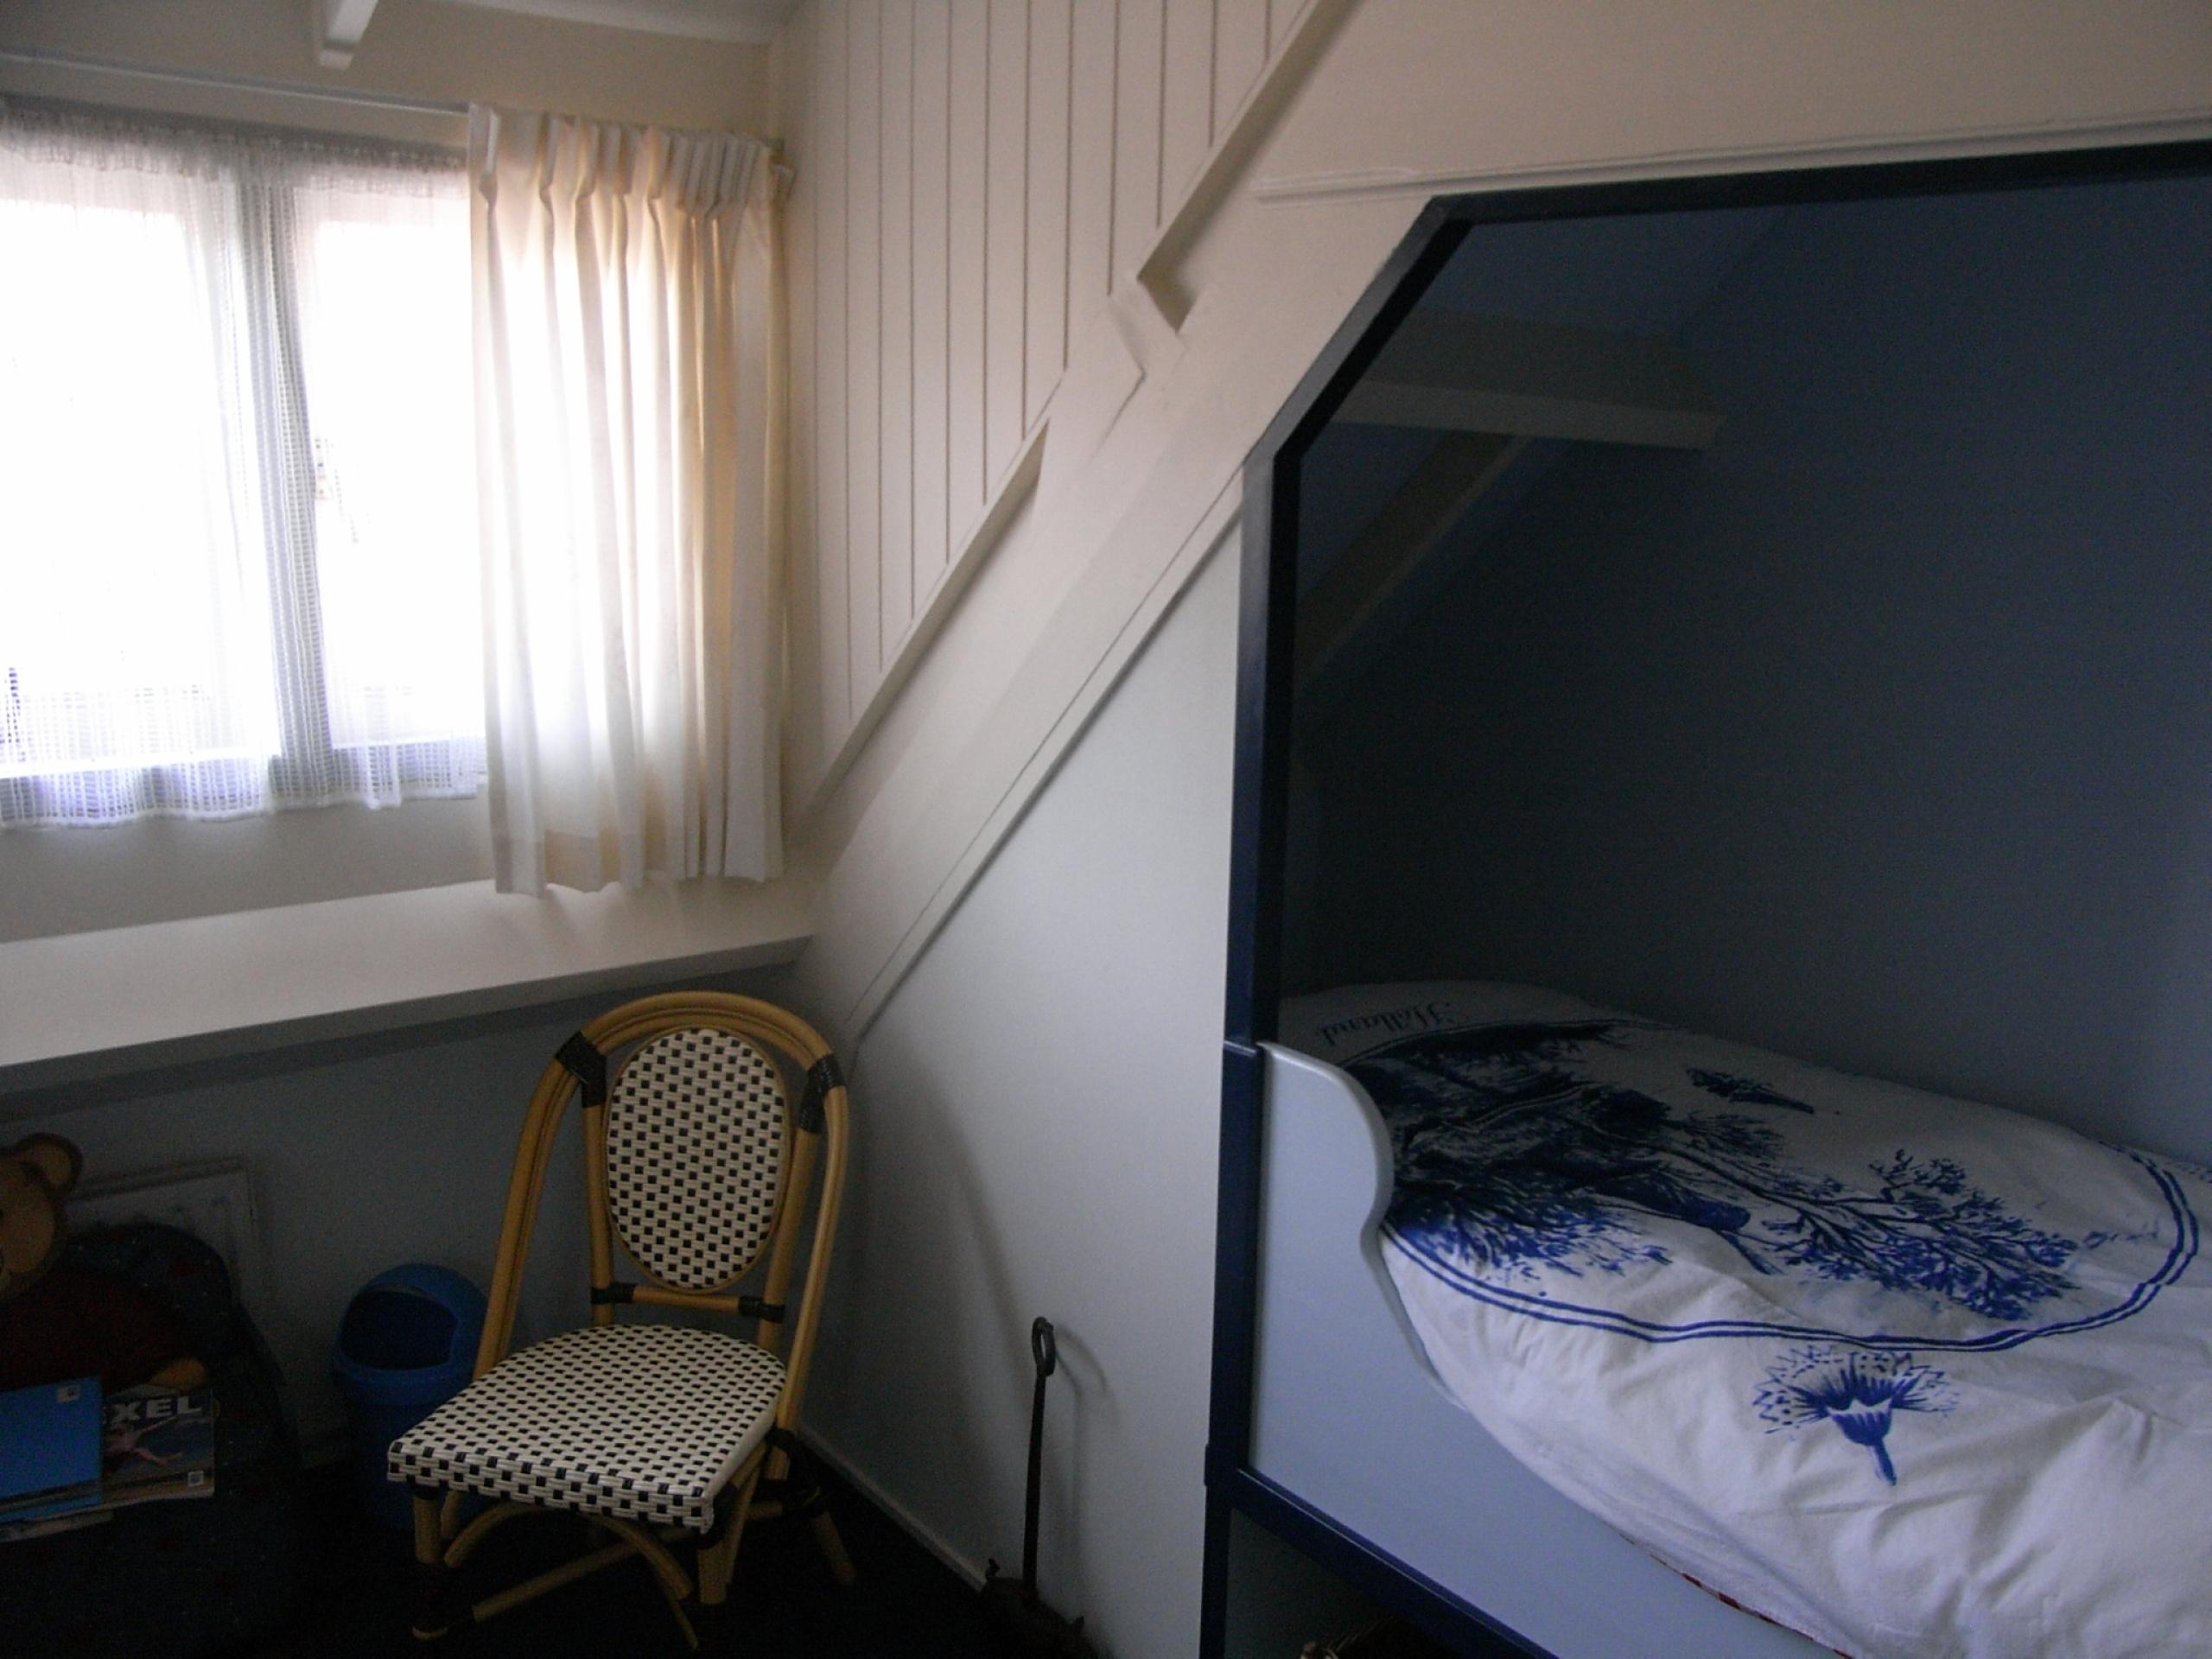 Schlafen Sie in einem echten Boxbett in diesem B & B im Zentrum von Den Burg